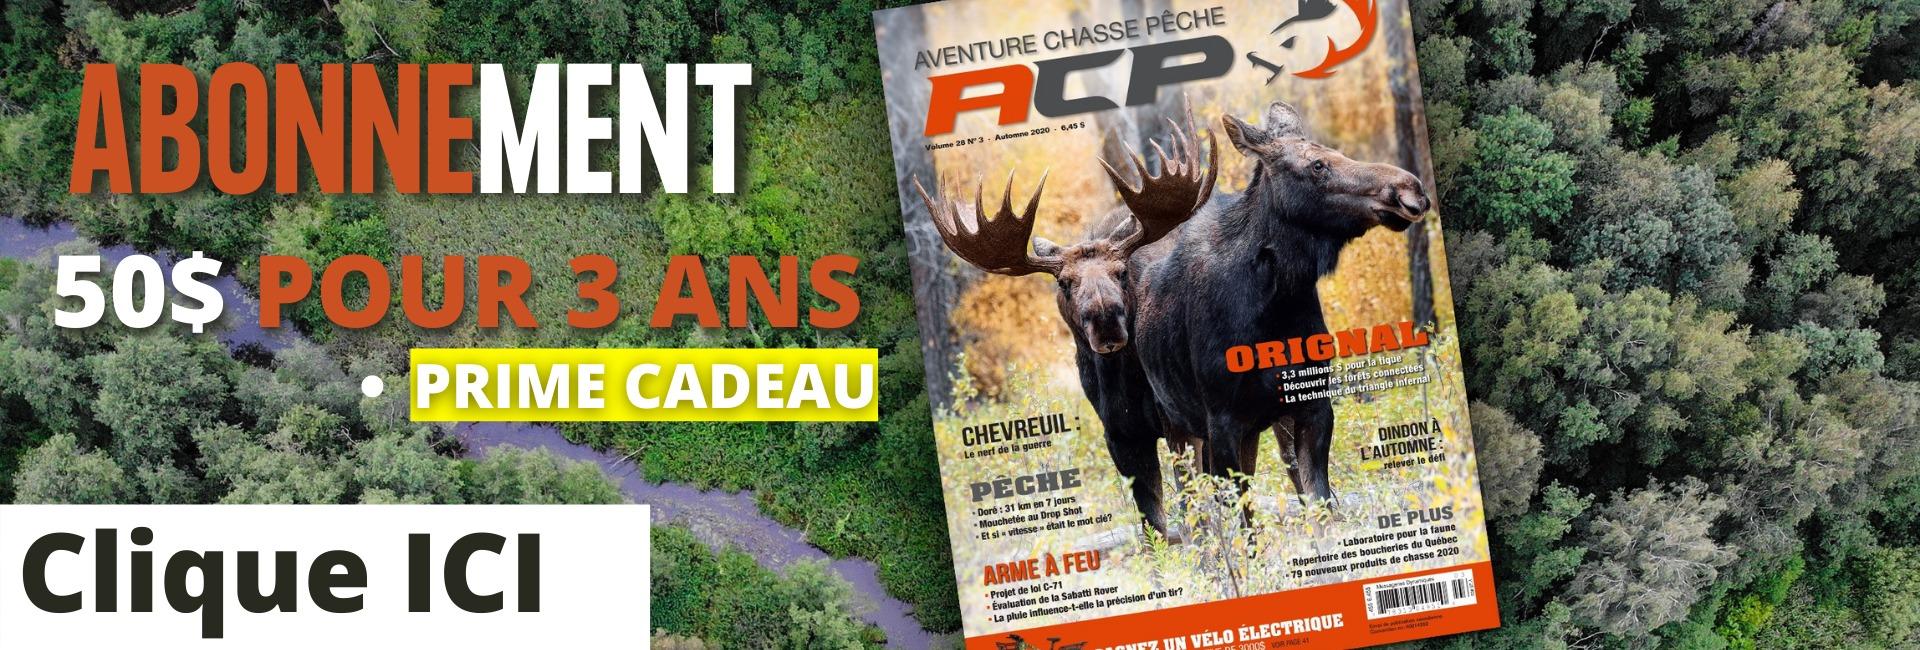 abonnement aventure chasse et pêche